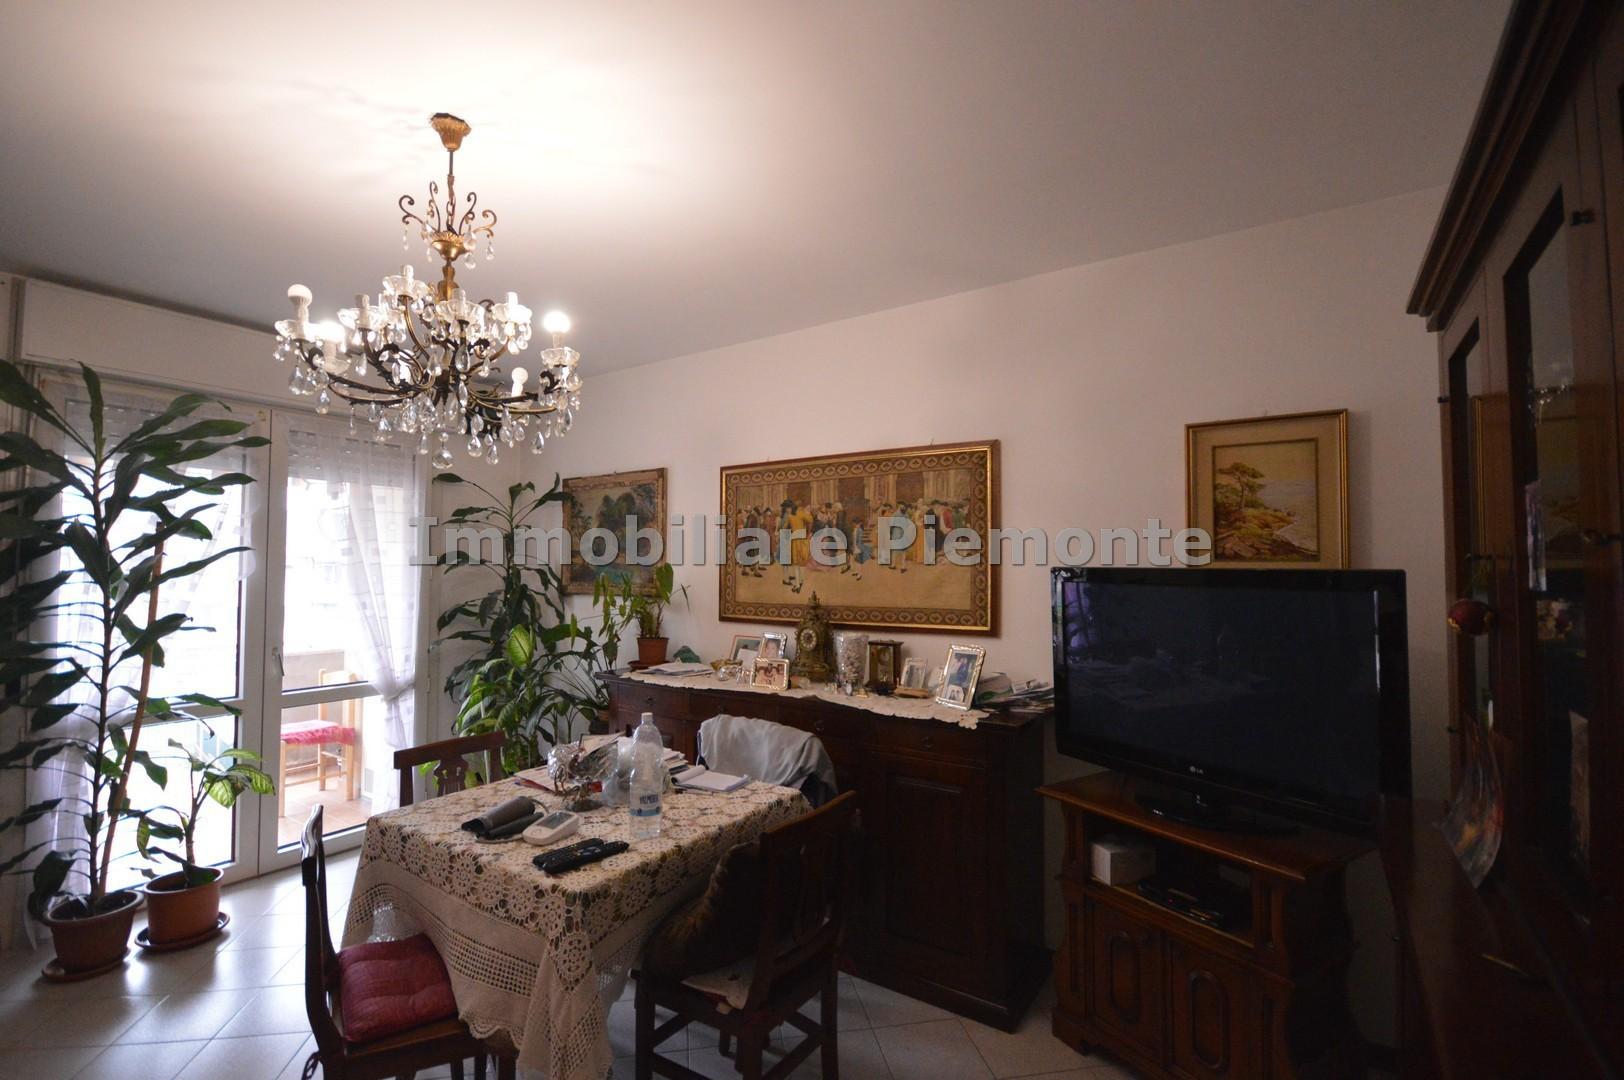 Appartamento quadrilocale in vendita arona annunci vendita for Negozi arredamento piemonte